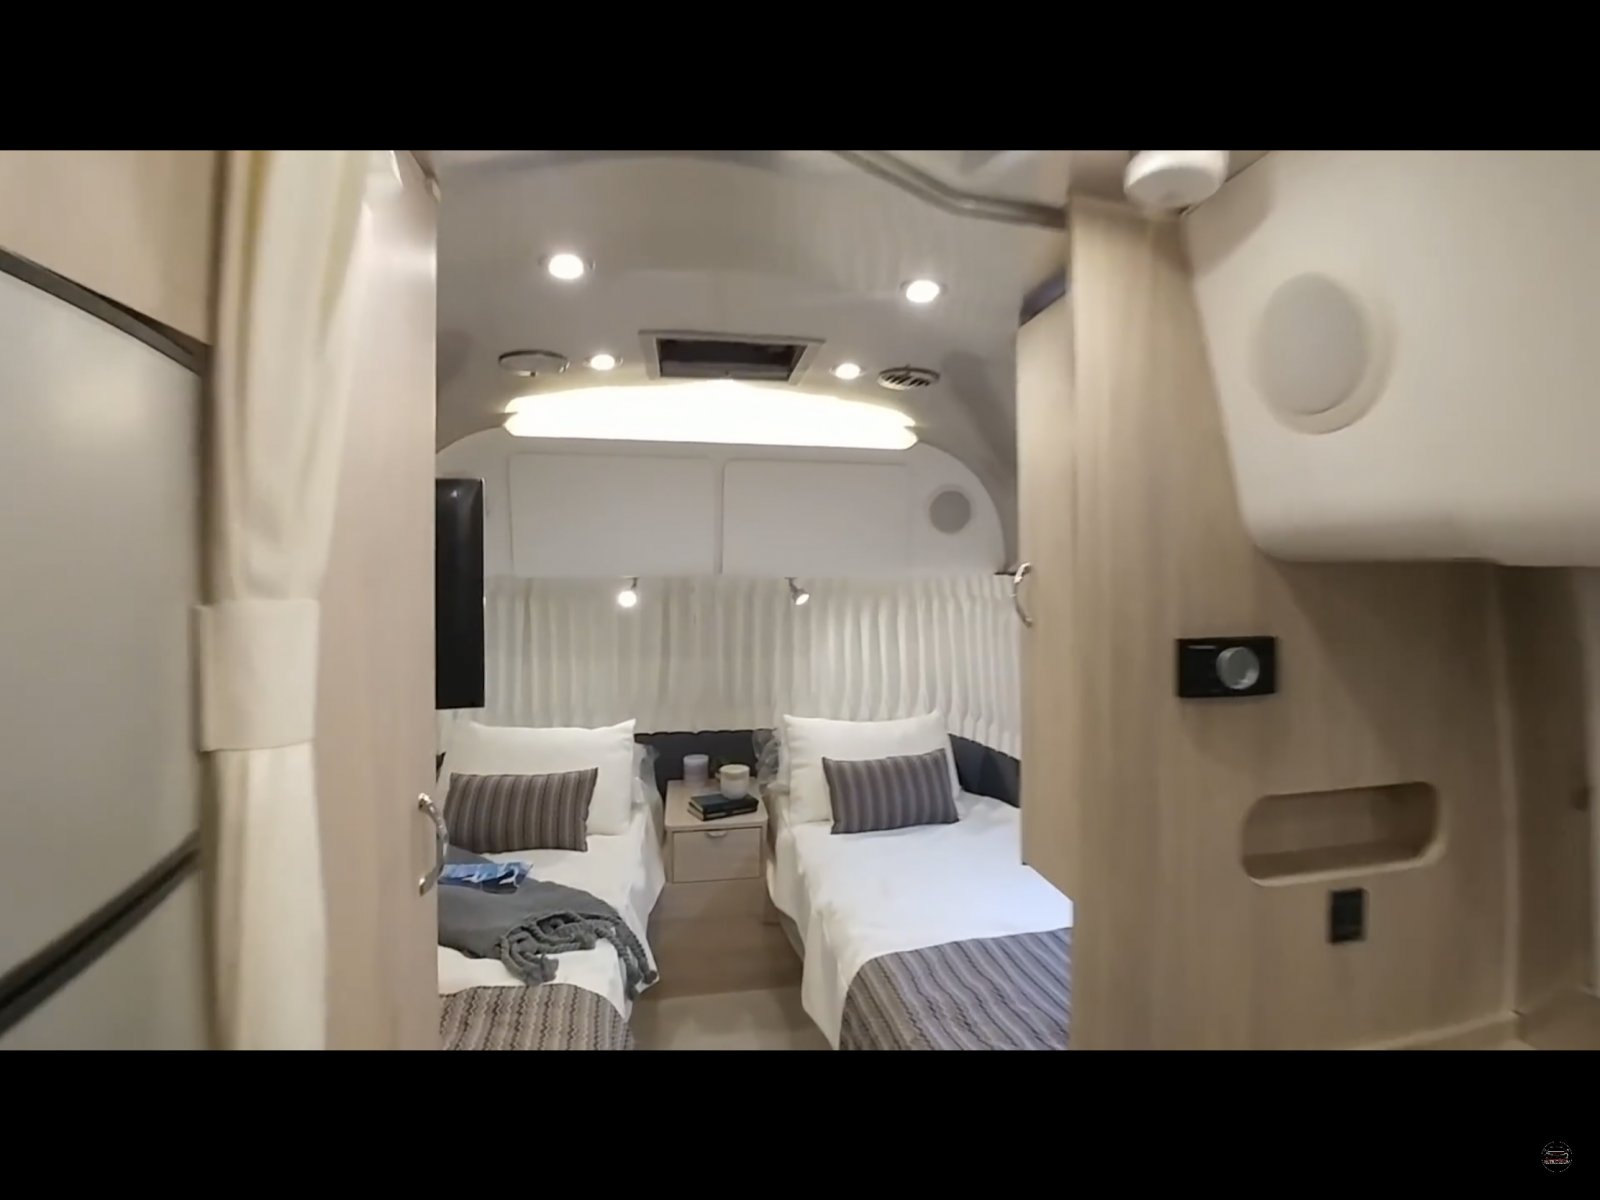 Easter Egg? 2020 23' Globetrotter FBT - Airstream Forums